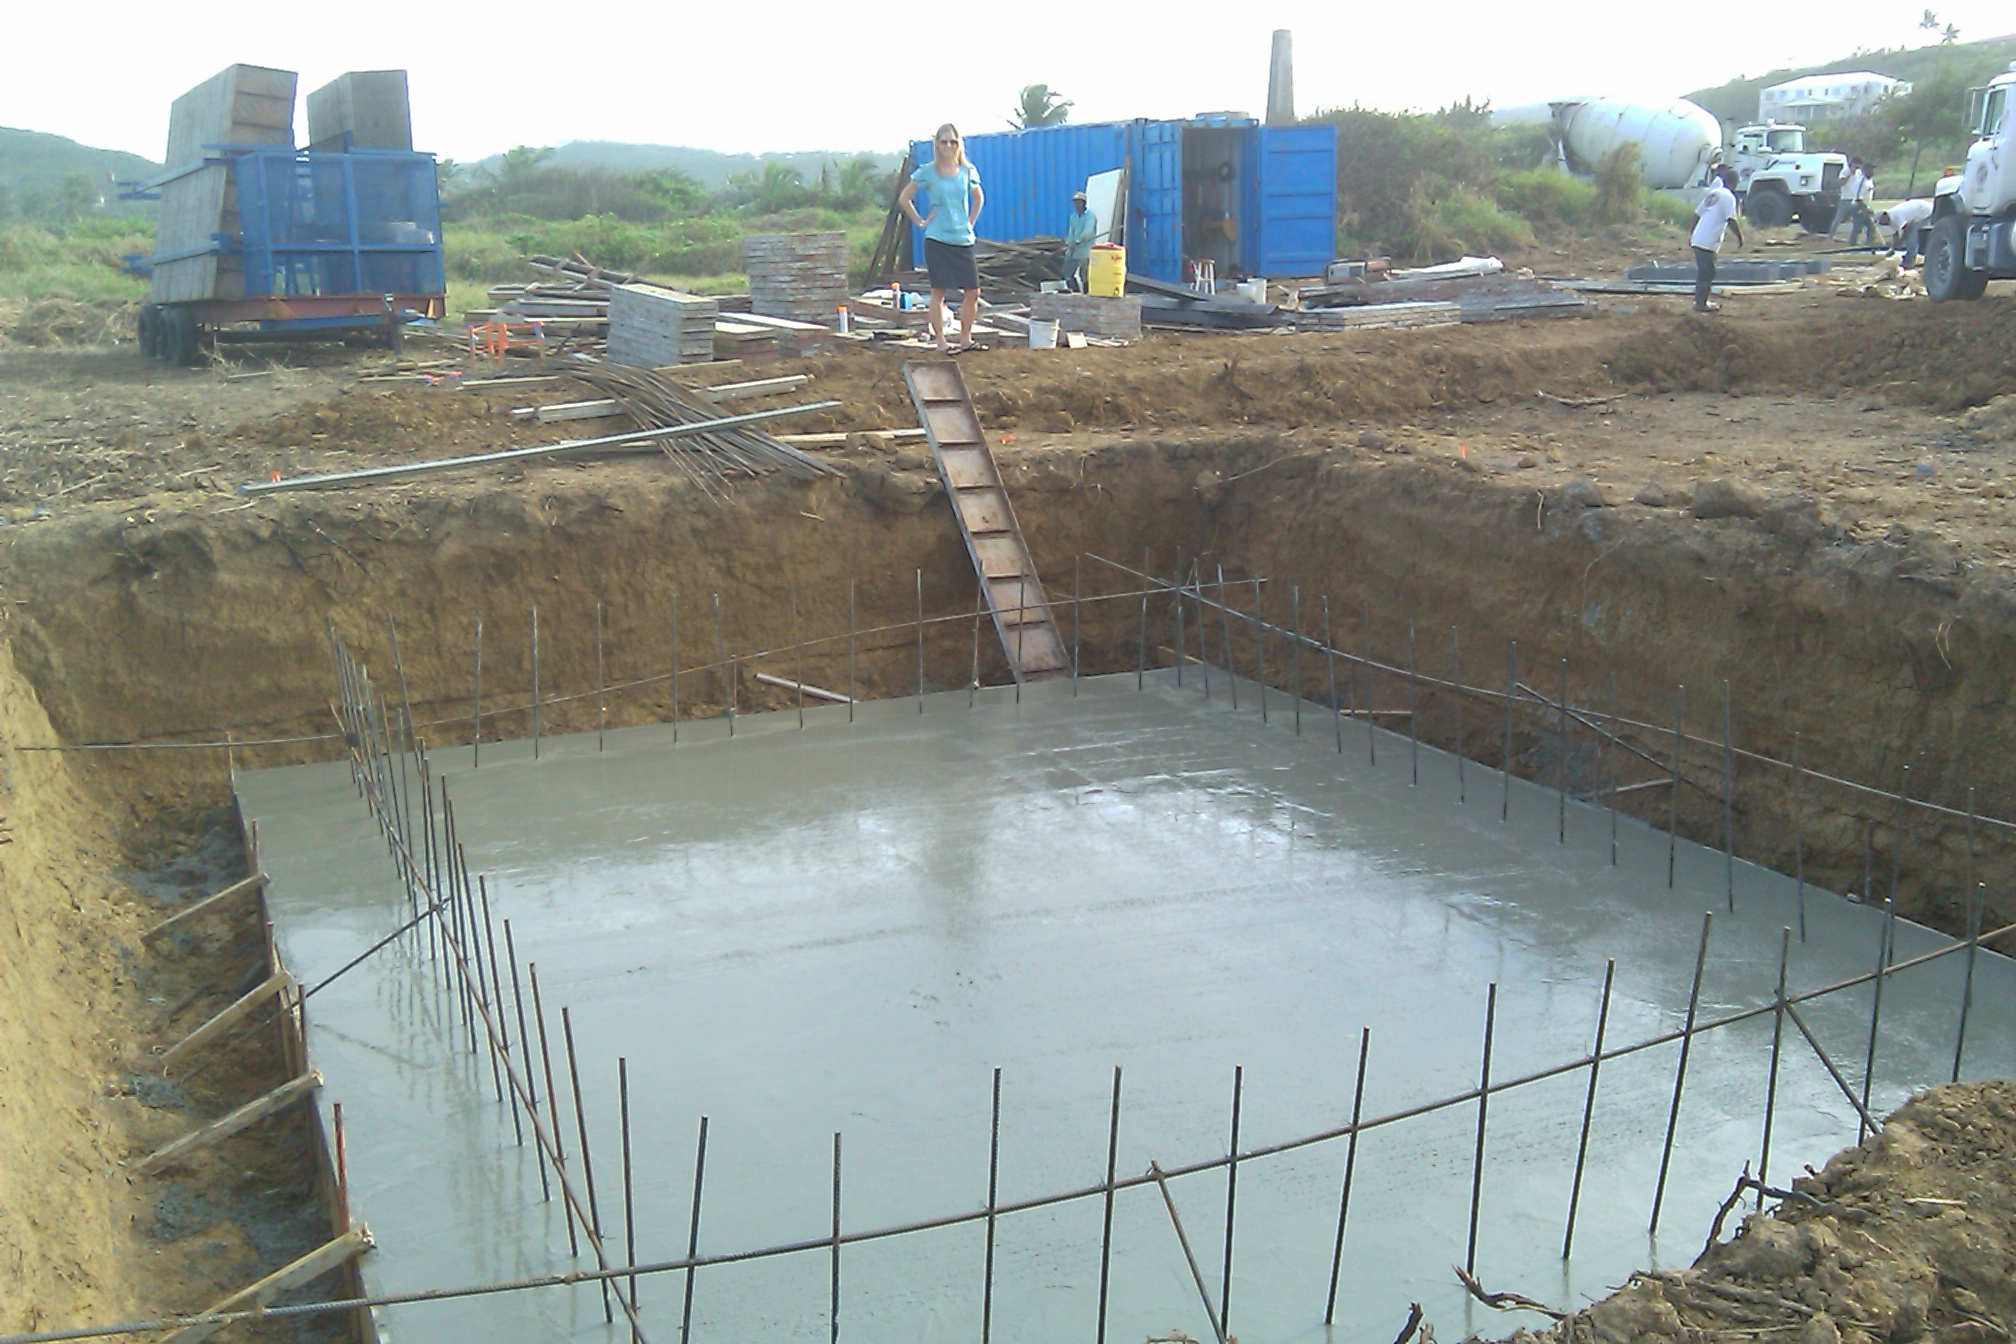 12-27-2010 - Cistern Pour